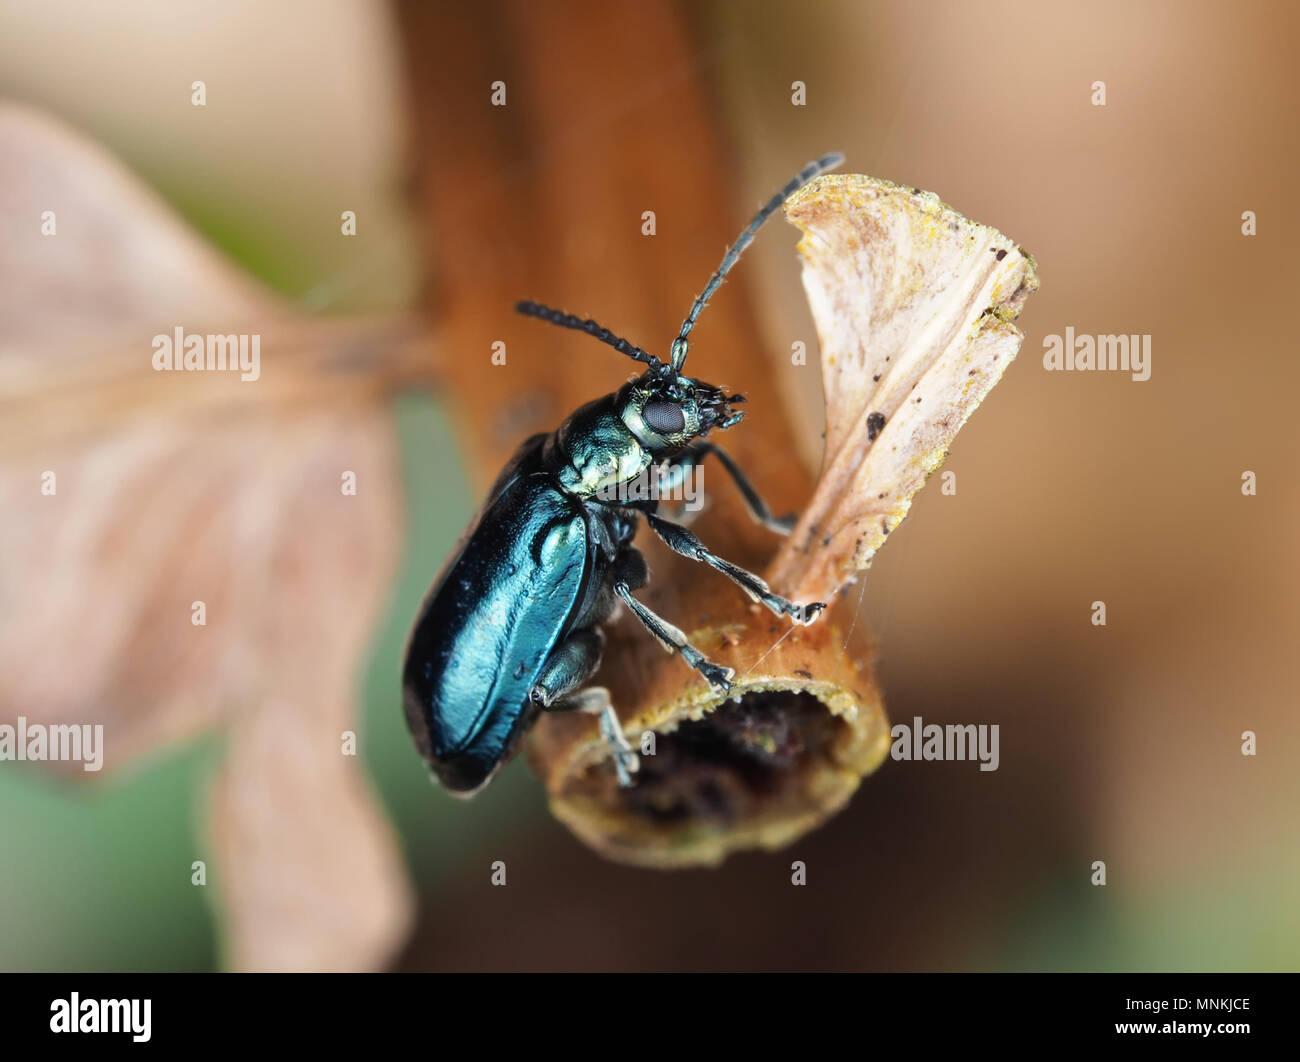 Altica sp. Käfer auf einer getrockneten Pflanze, Seitenansicht Stockbild